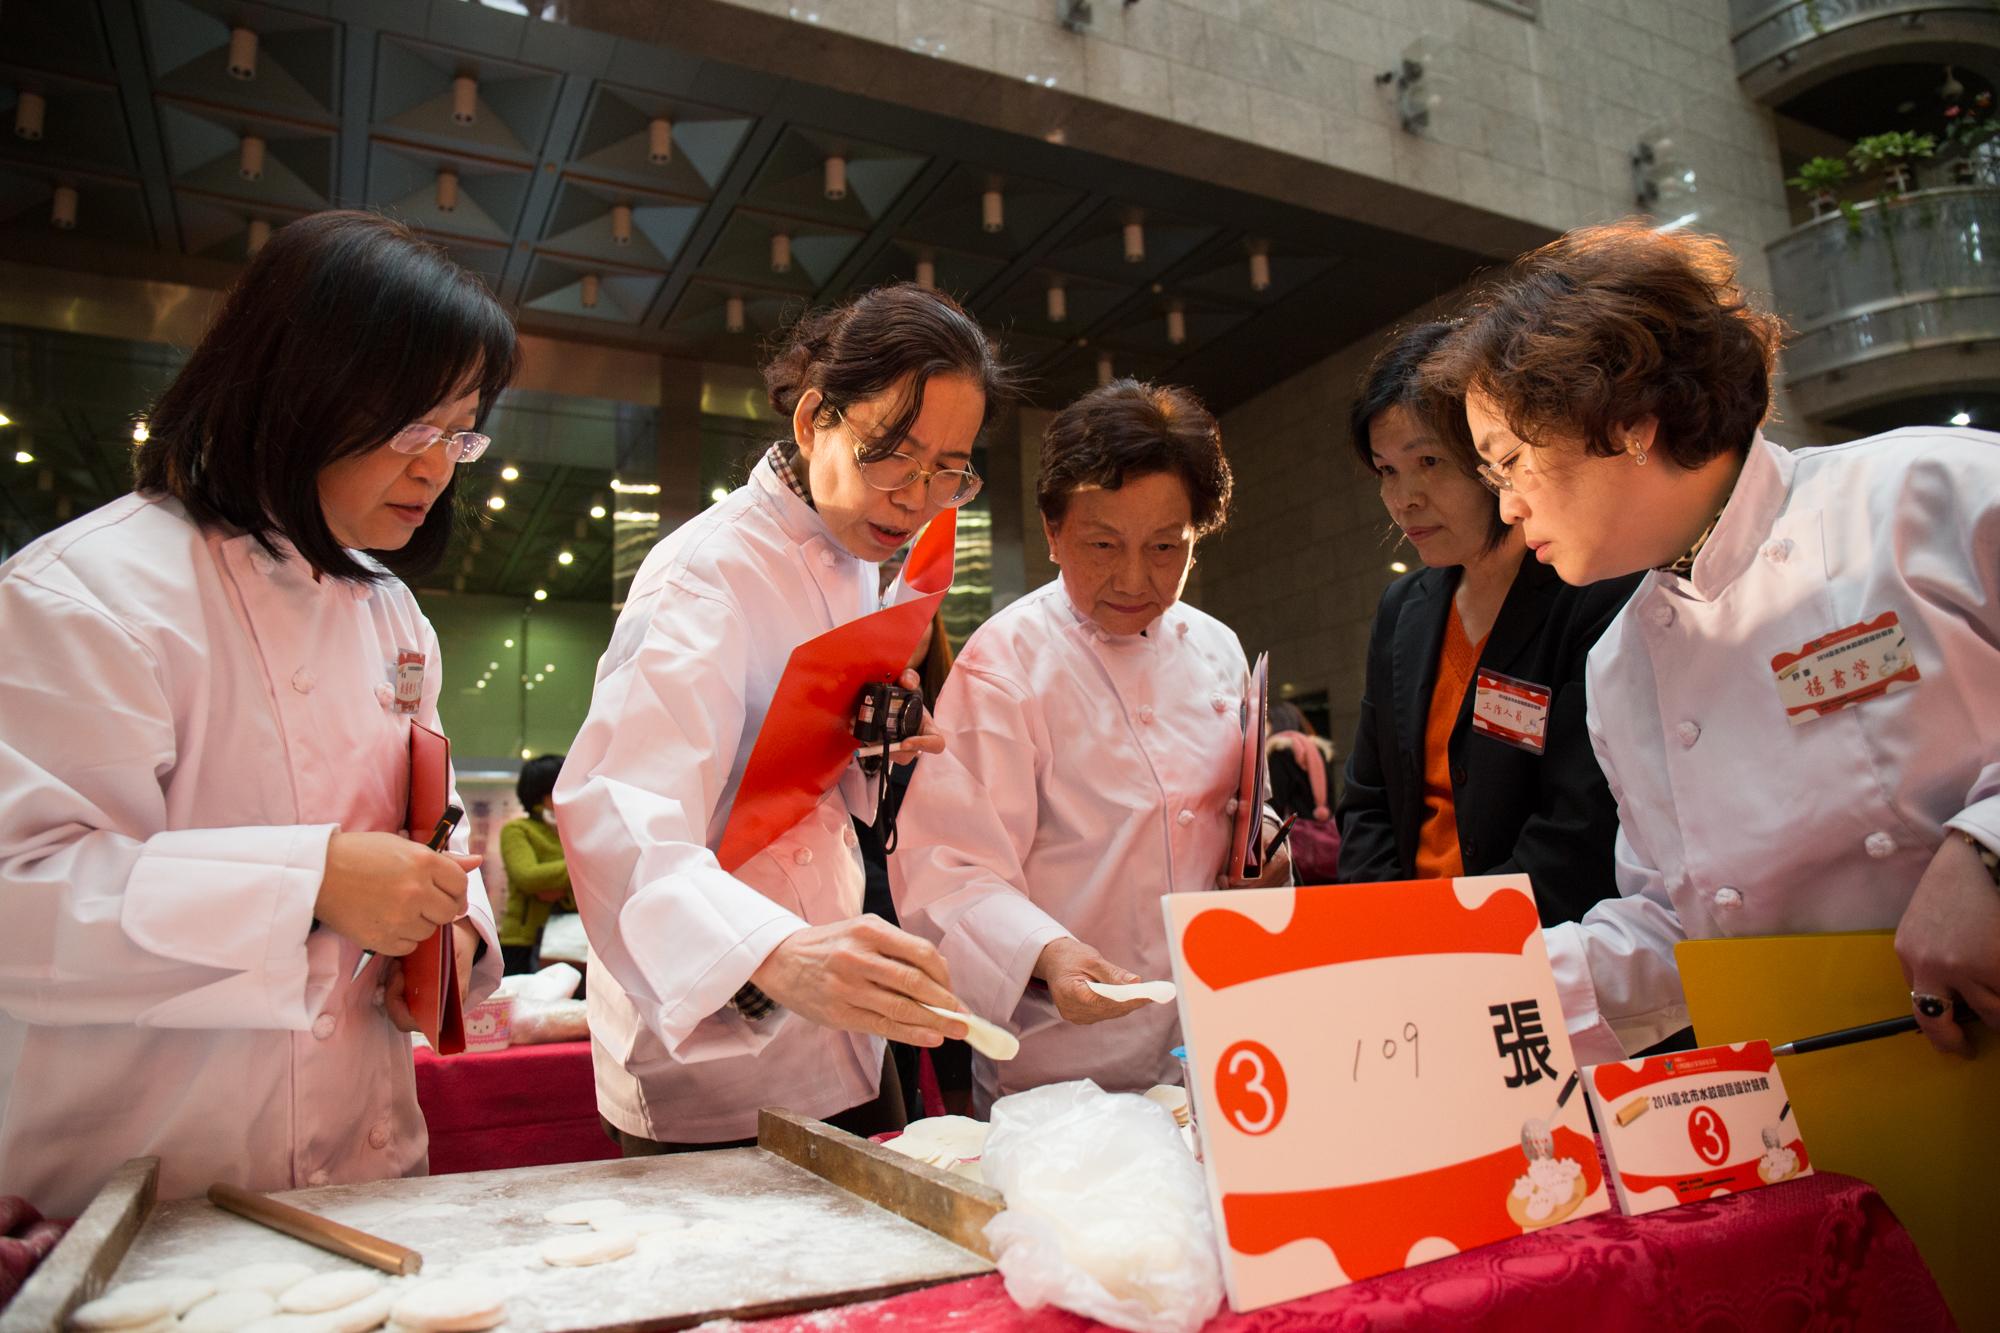 臺北市水餃創意設計競賽,台中婚錄推薦25